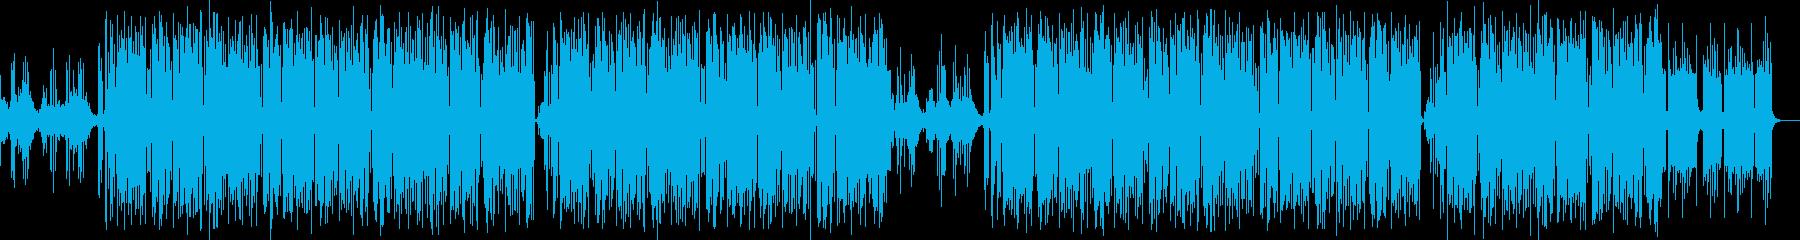 ポリリズム迷宮ダンジョン探索タイプビートの再生済みの波形